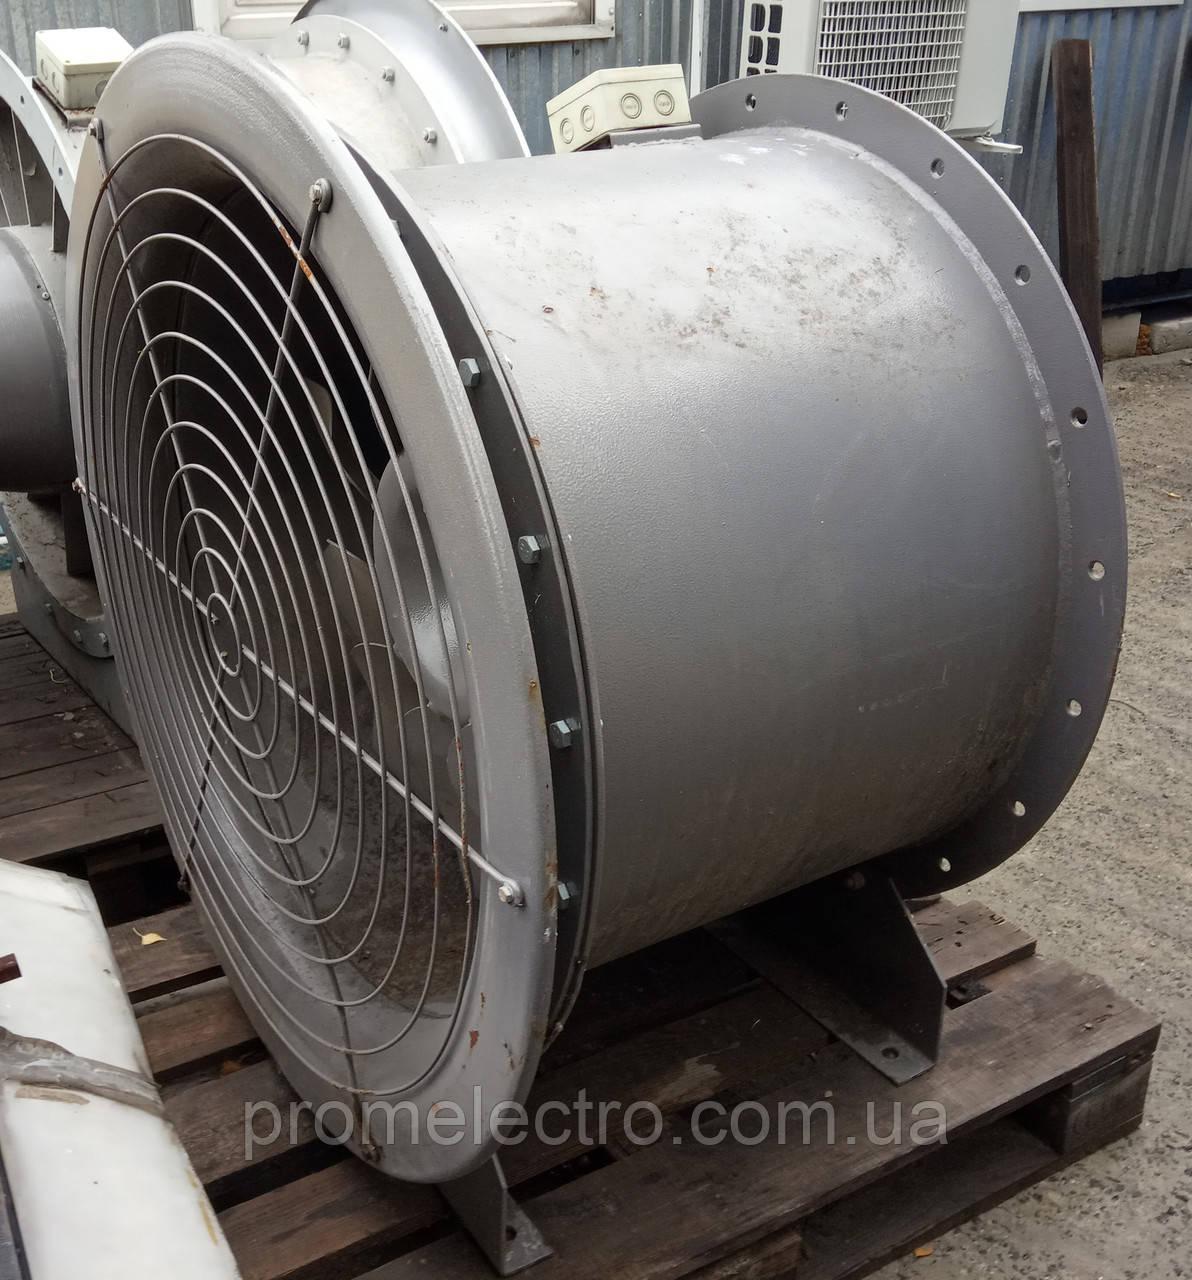 Вентилятор канальный Tyvent WOO-80/3 M